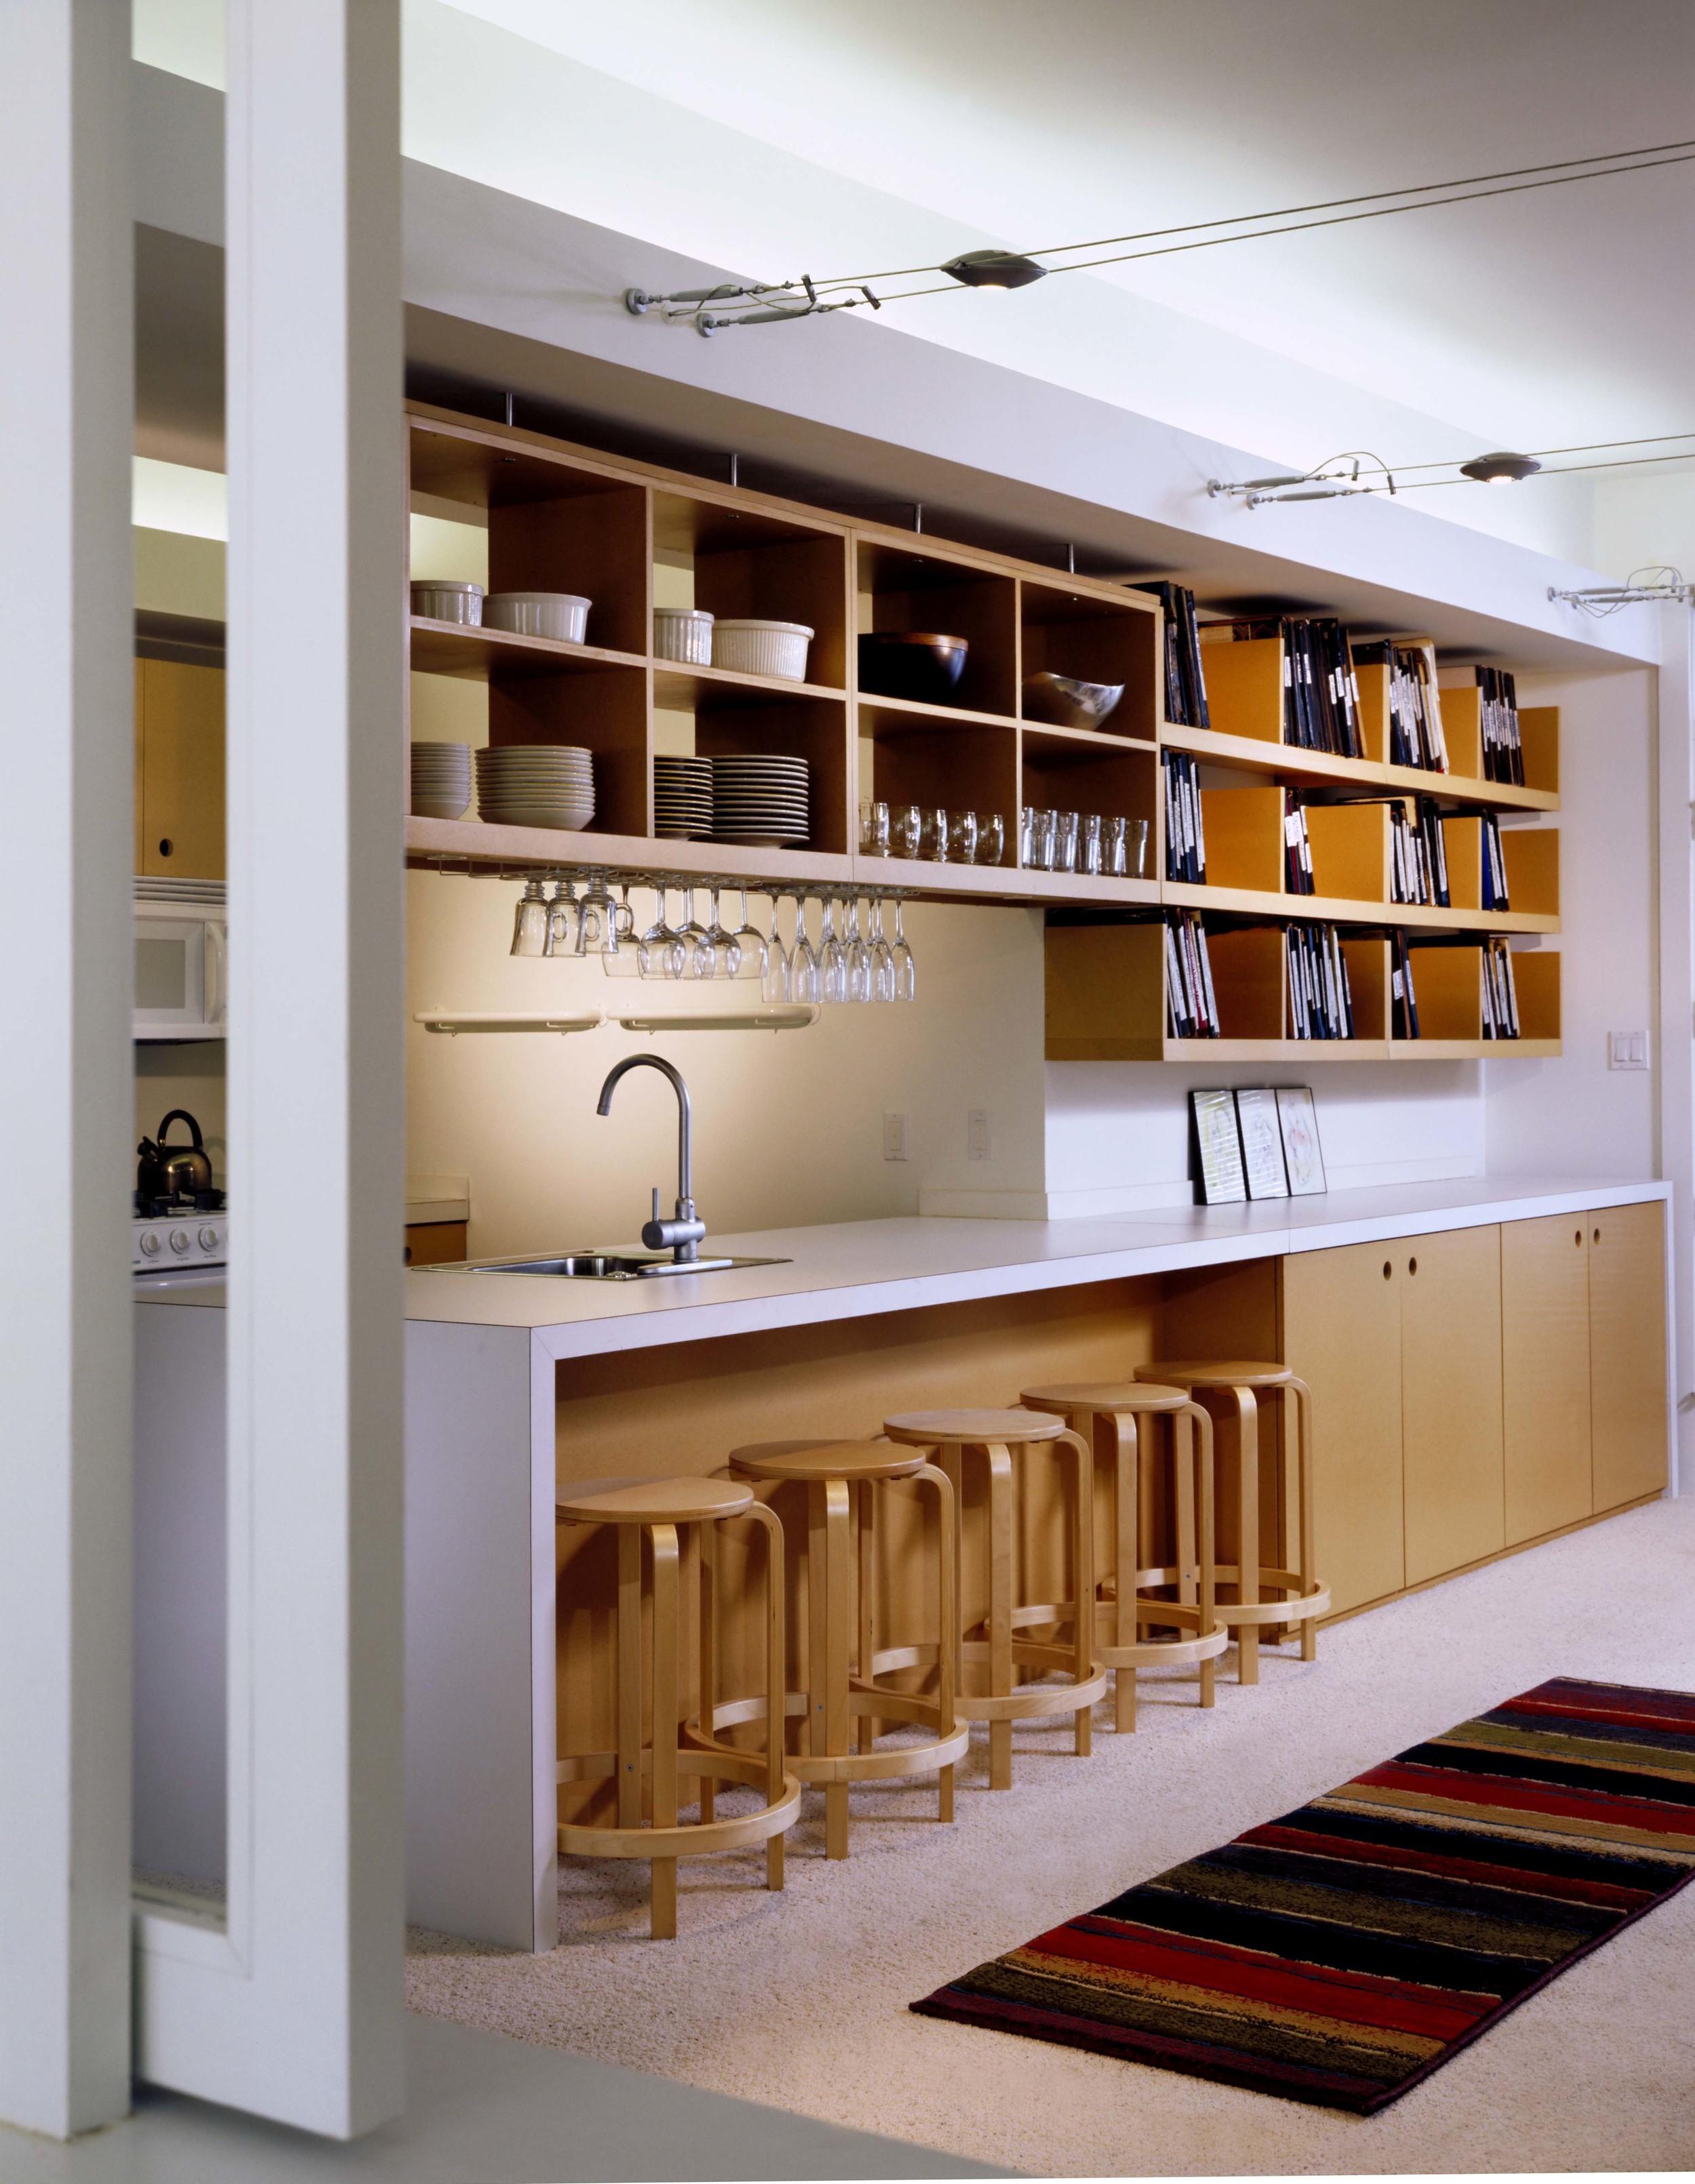 KR077 lower kitchen.jpg